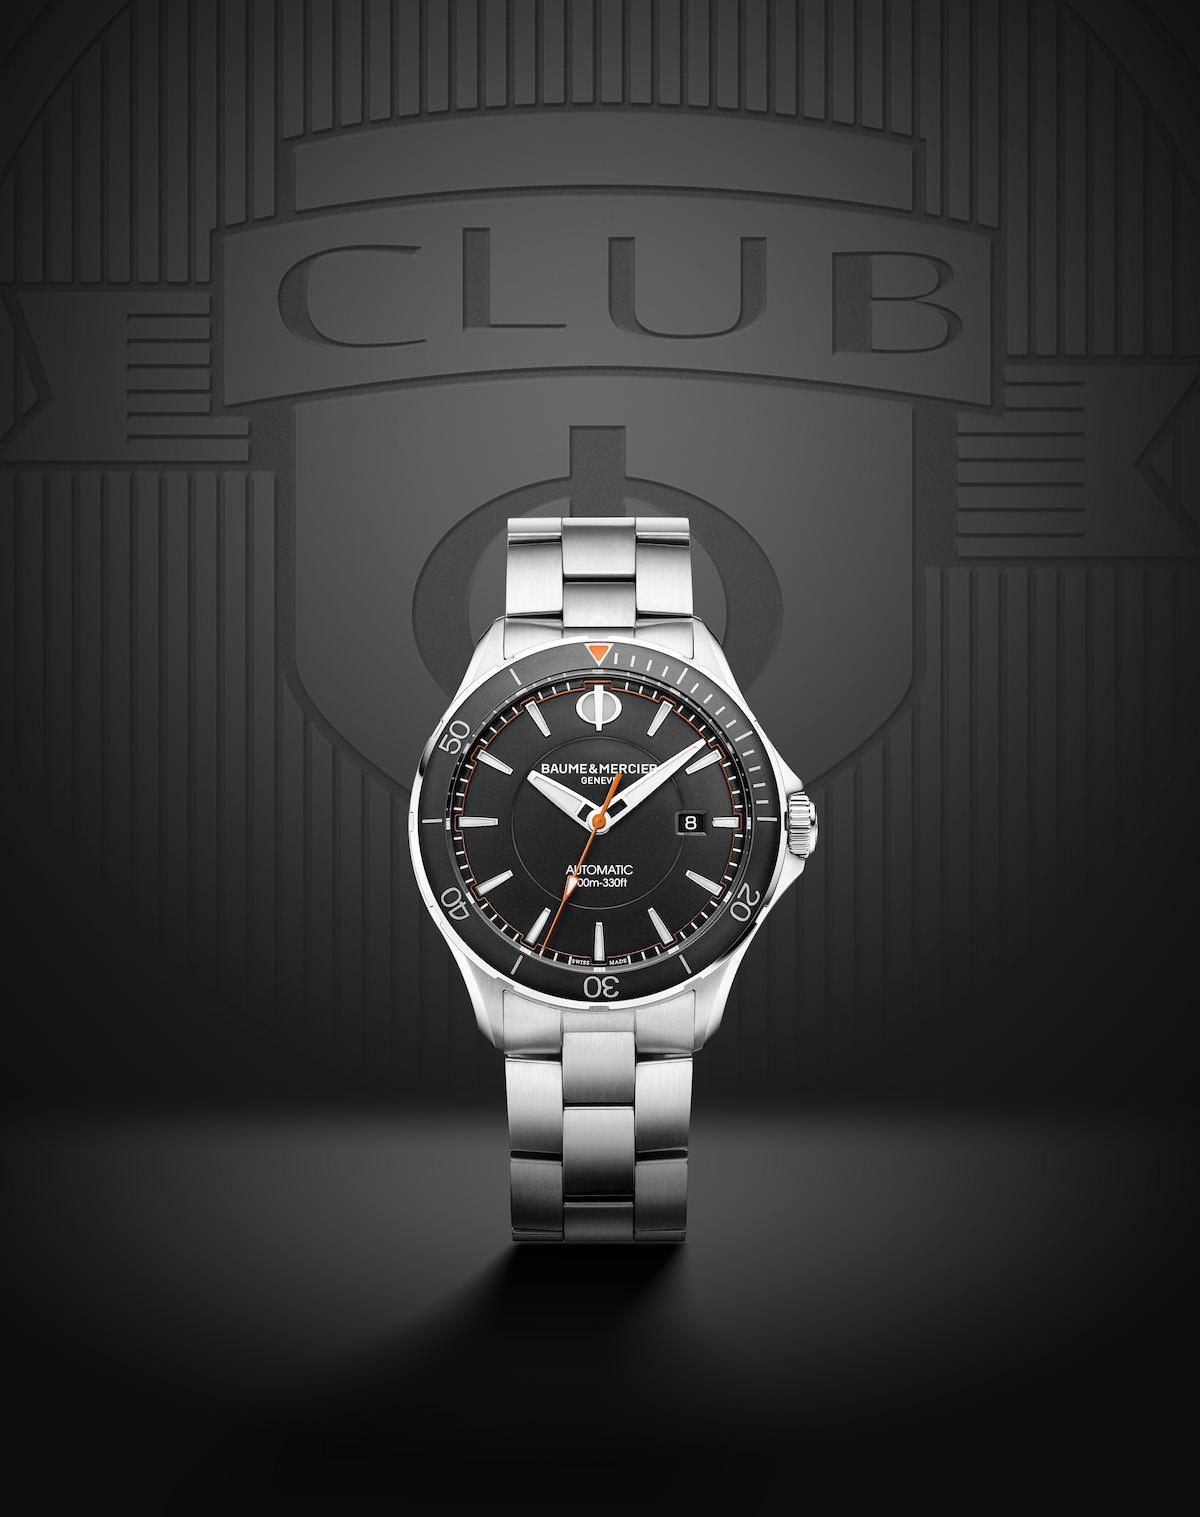 Die Baume & Mercier Clifton Club